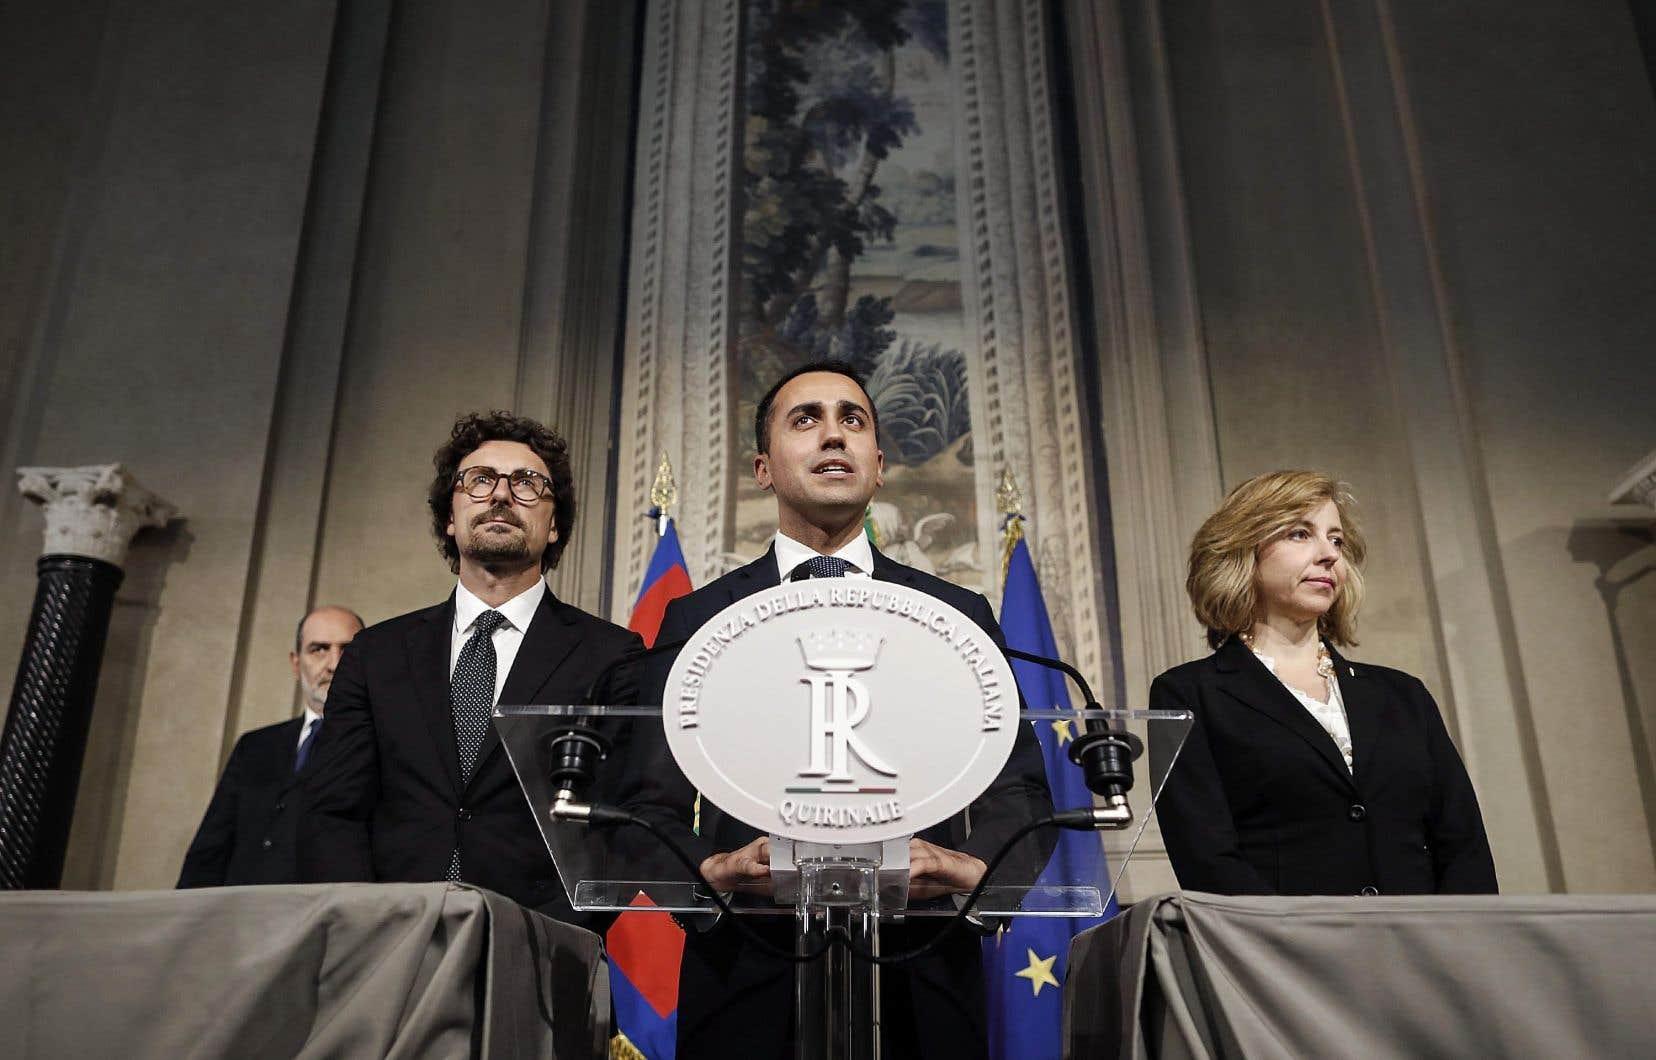 Les chefs de file du Mouvement 5 étoiles (M5S), le 14 mai